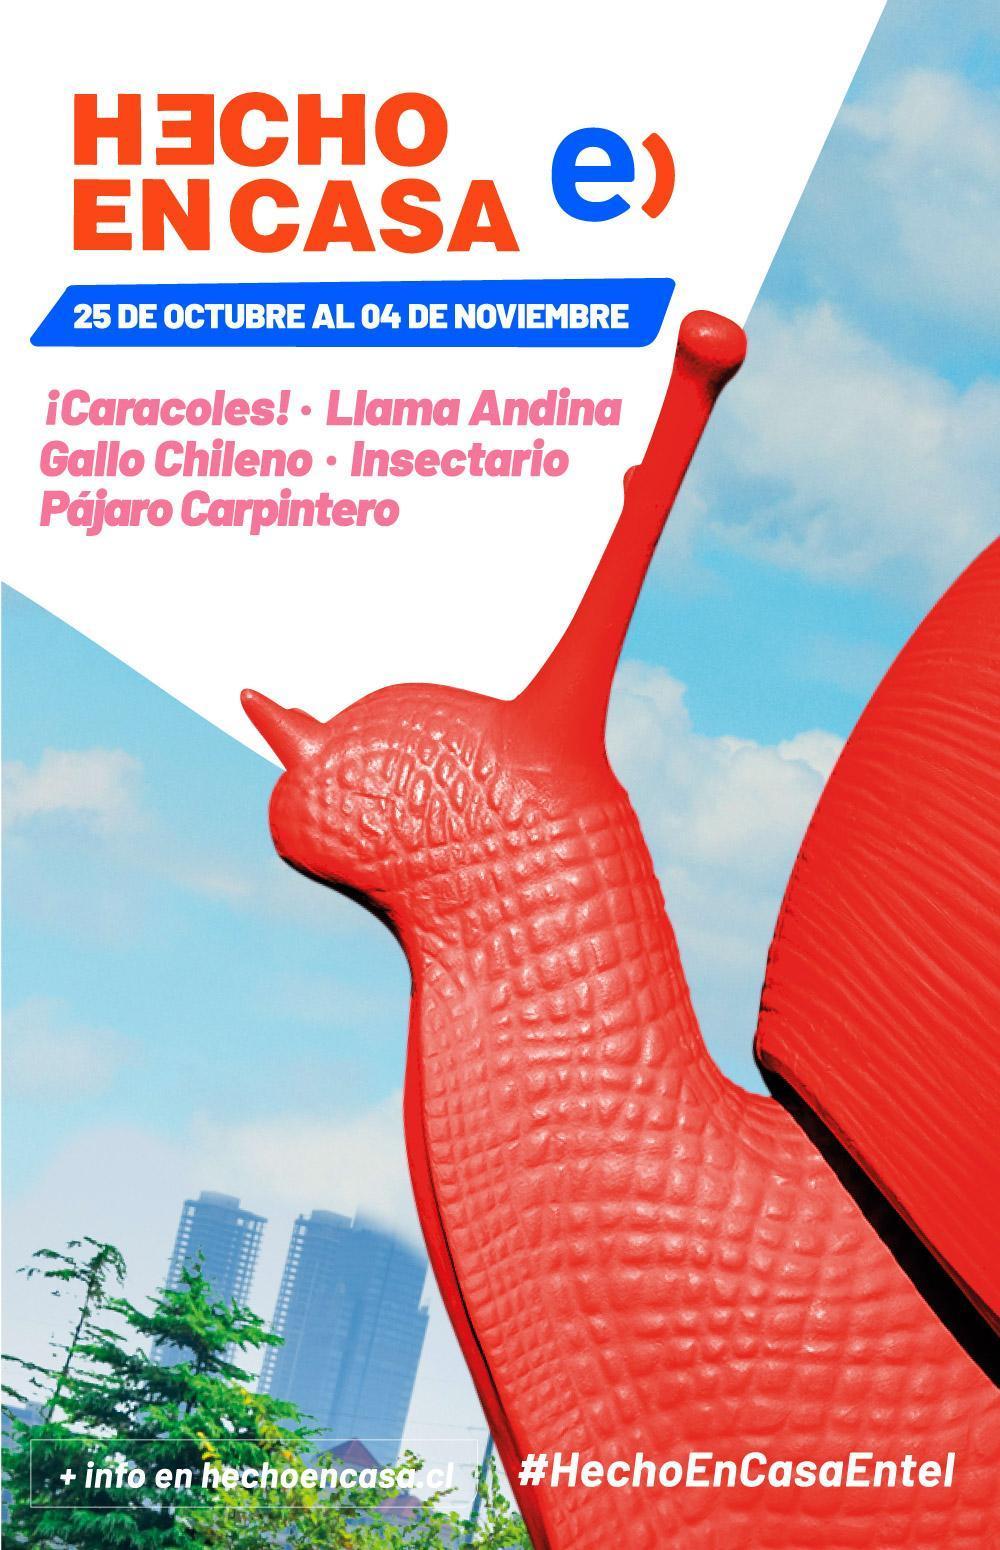 Animales de Chile se toman el Festival Hecho en Casa Entel 2018 1